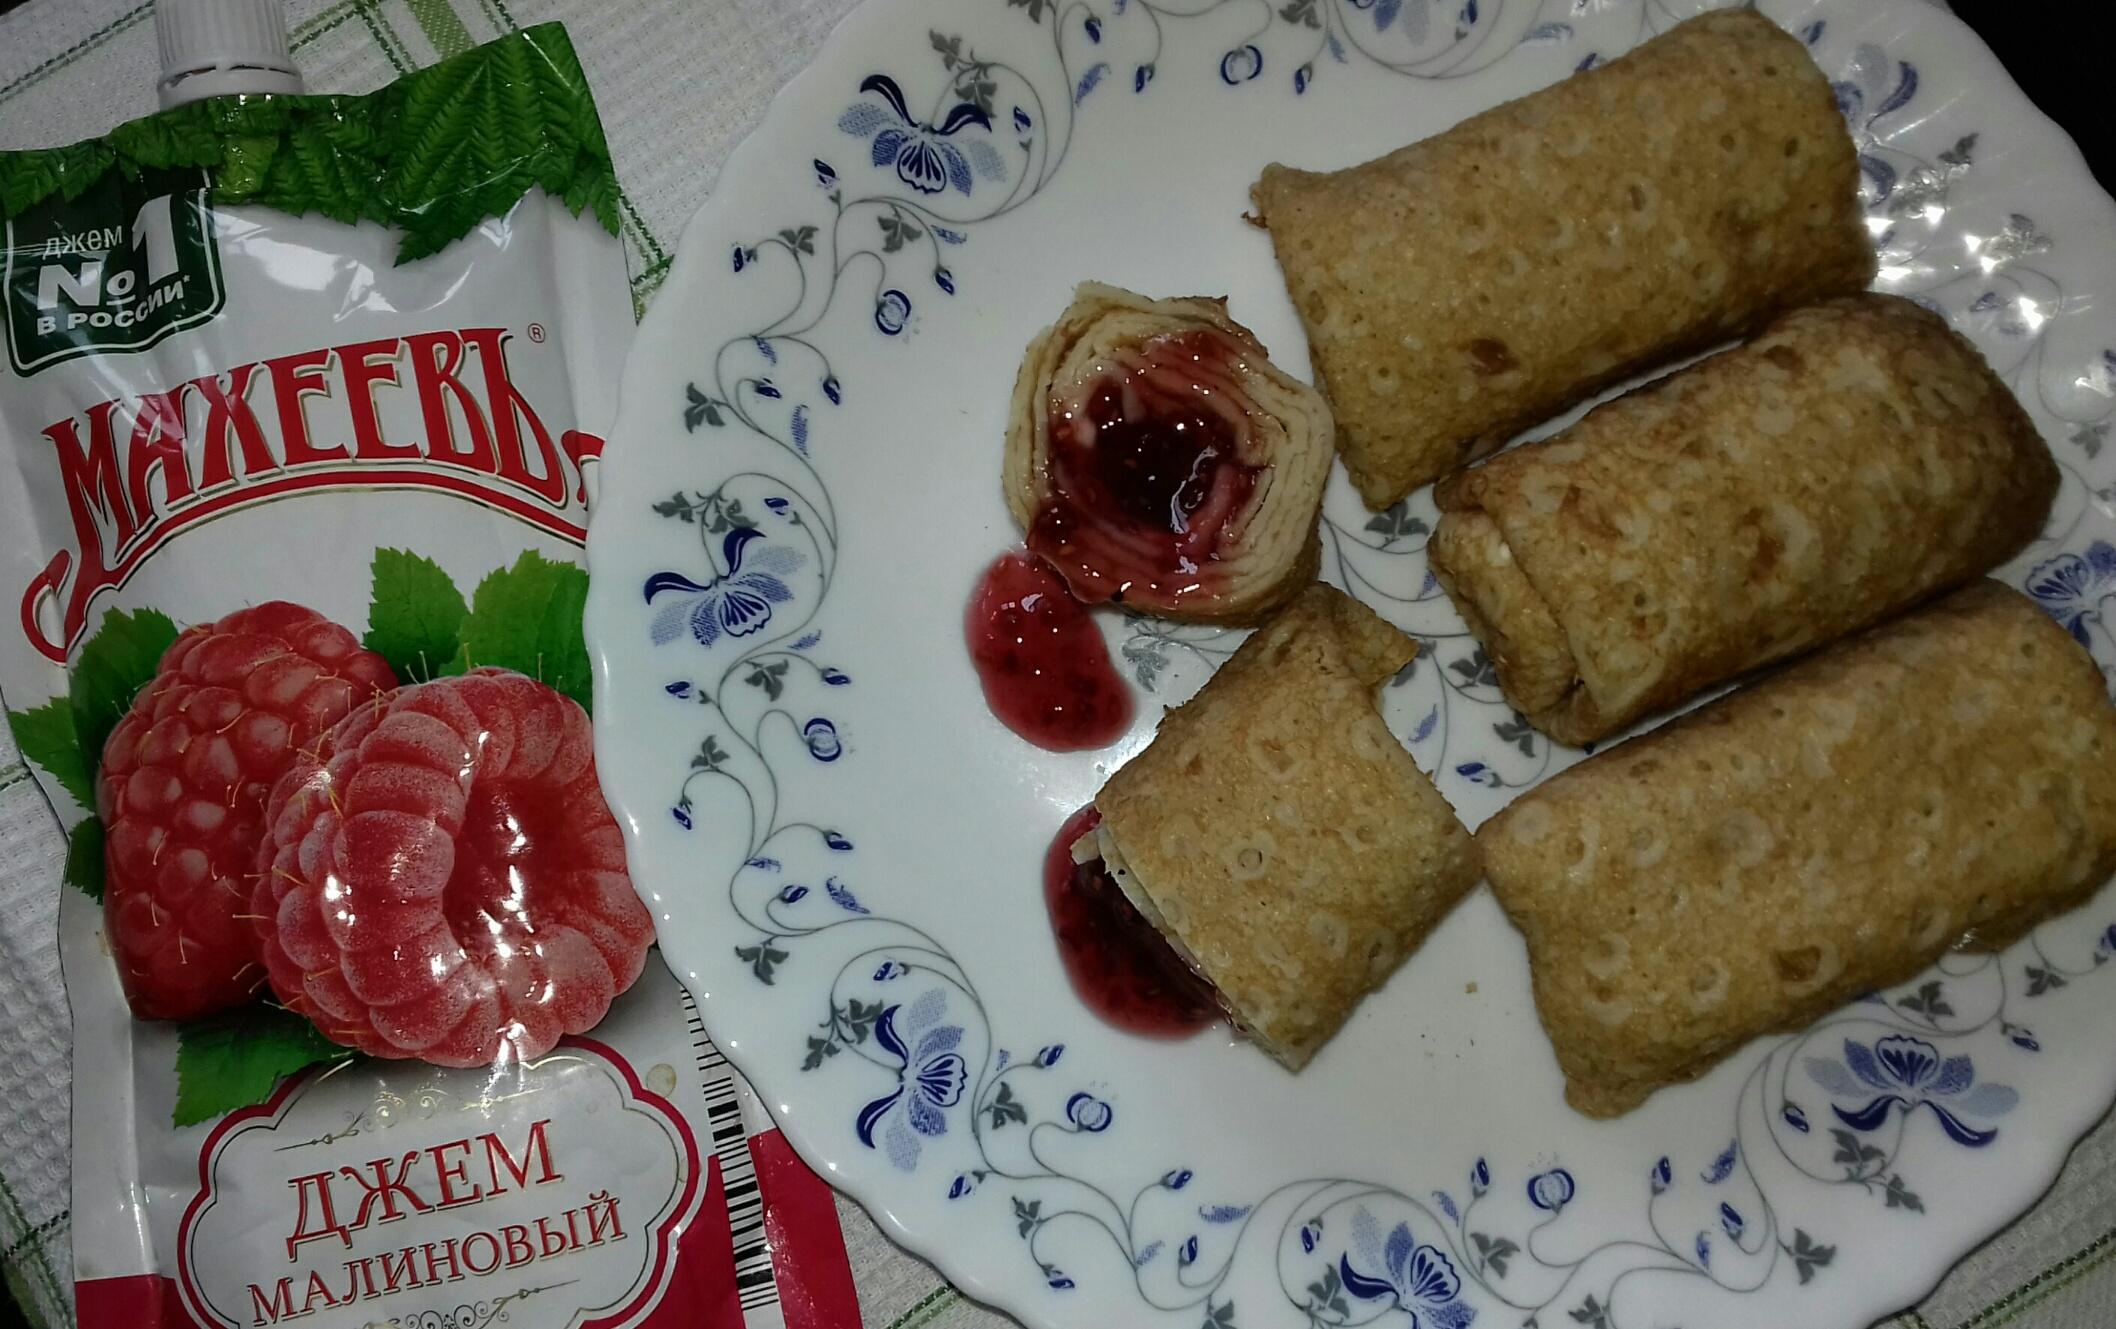 Быстрые блинчики для семейного завтрака с малиновым джемом Махеевъ